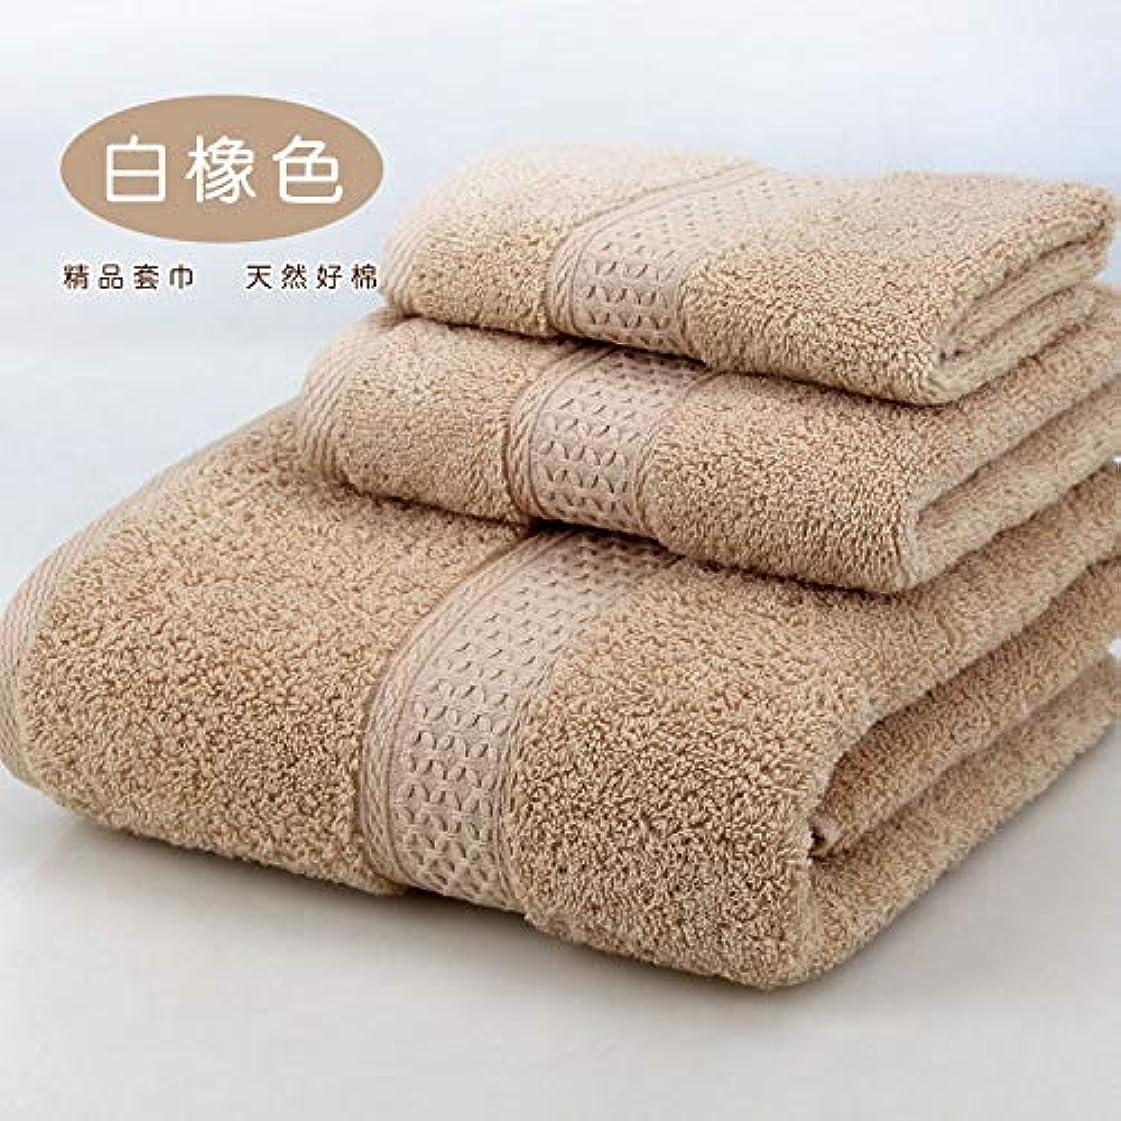 襟スペアプロトタイプMaxcrestas - 綿100%のタオルはバスタオル+ facetowel + handtowel 3枚/ソフトバスタオルフェイスhandtowel浴室のタオルセットを設定します